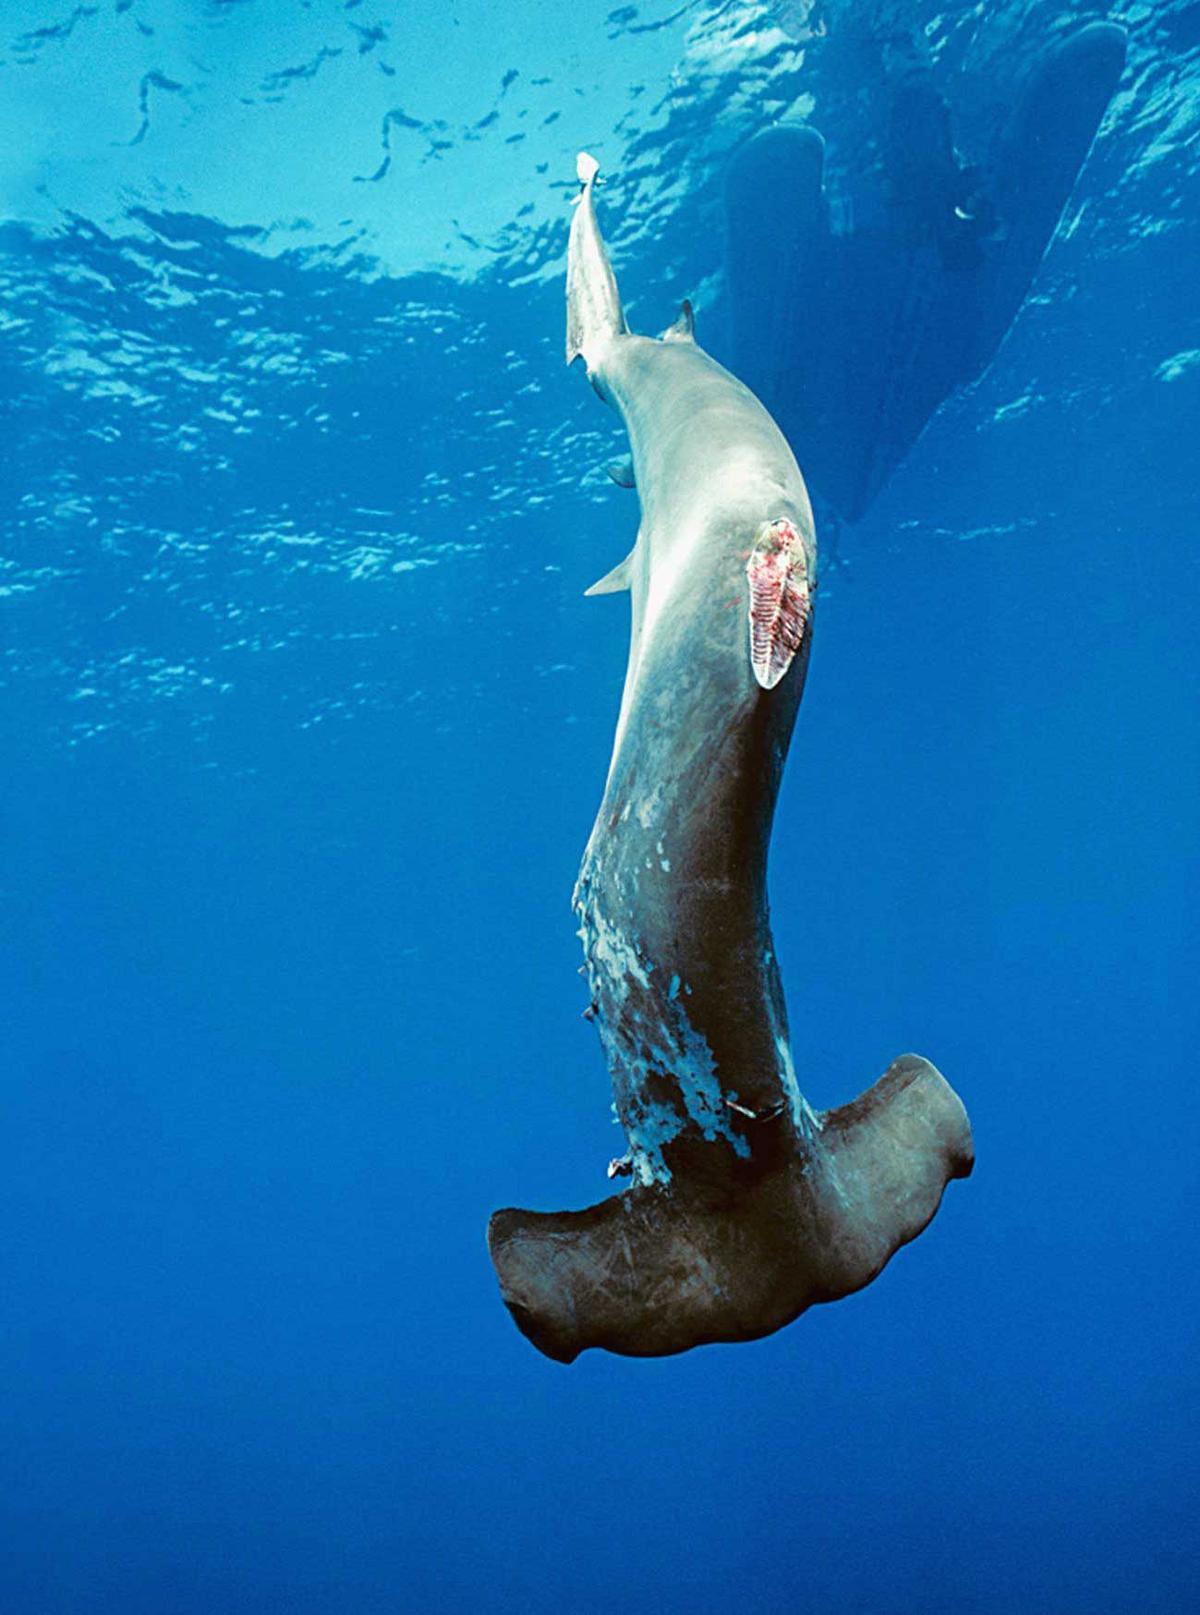 漁民在割下鯊魚魚鰭後,常把鯊魚扔回海裡,任由鯊魚慢慢淹死。(截自WildAid)